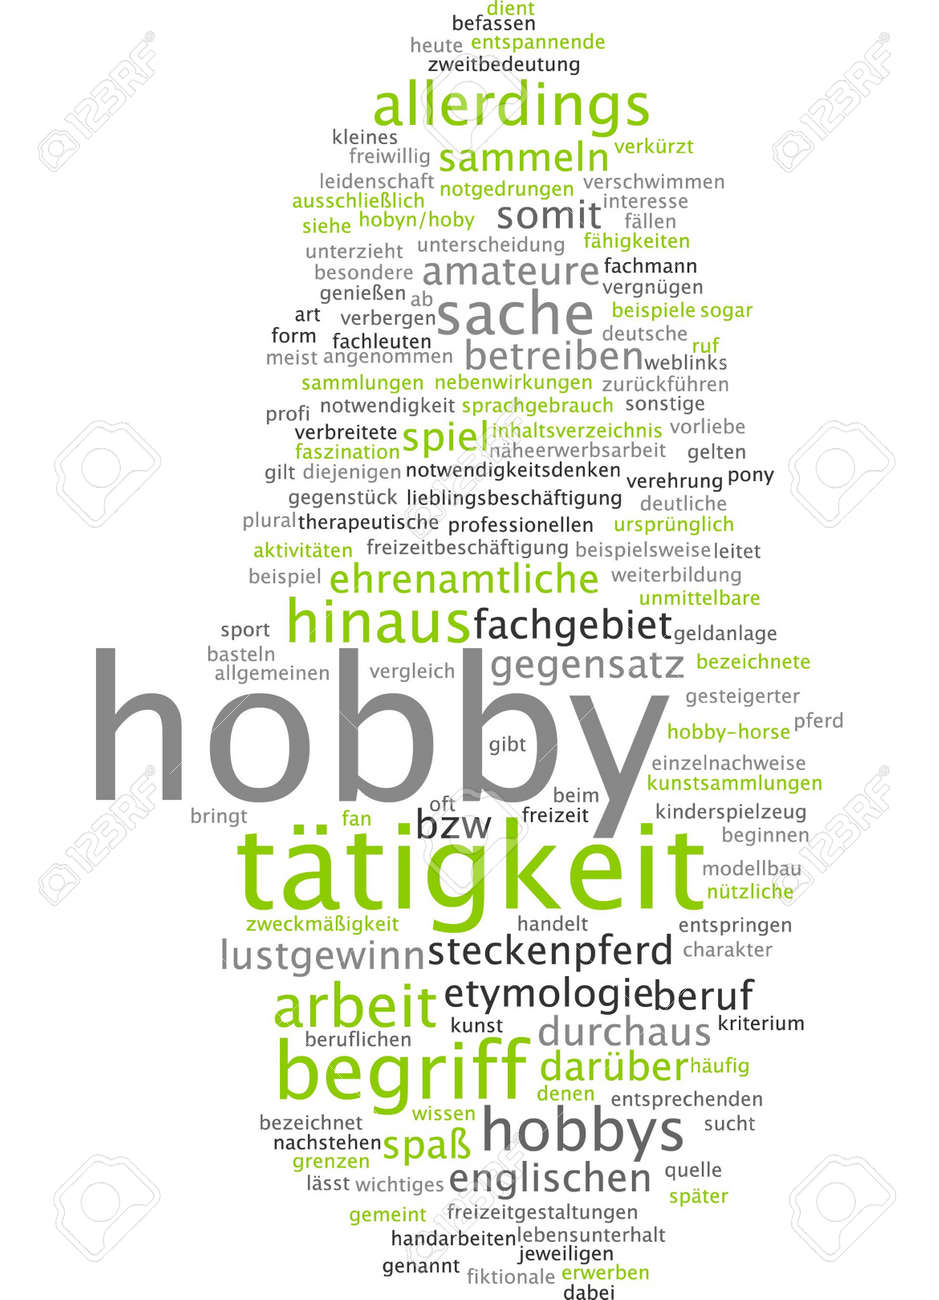 Besondere hobbys